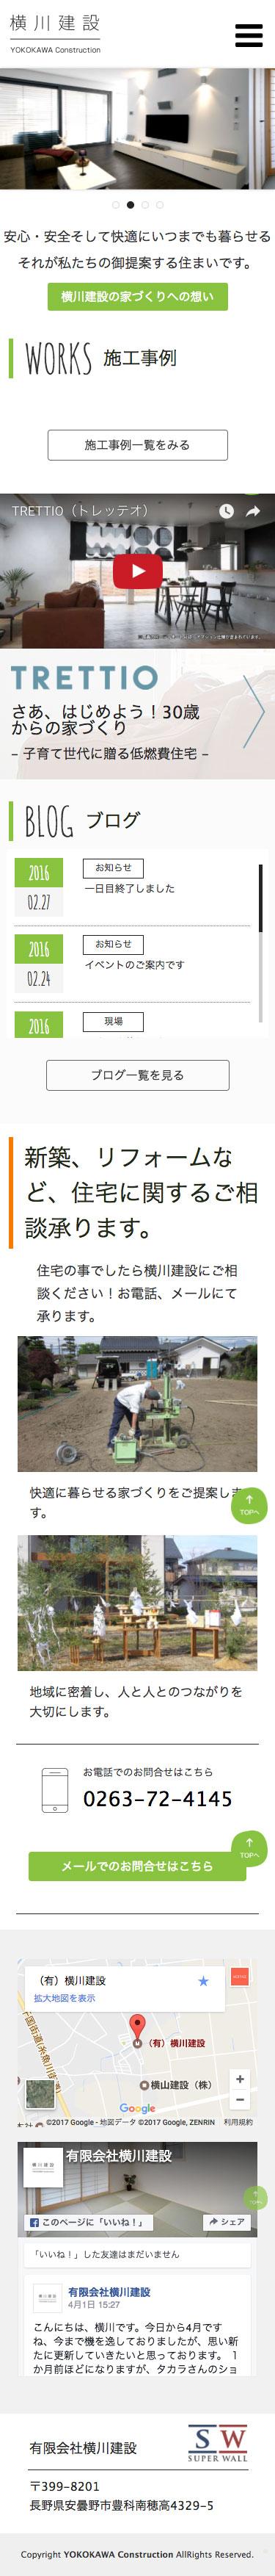 有限会社 横川建設のスマートフォンデザイン